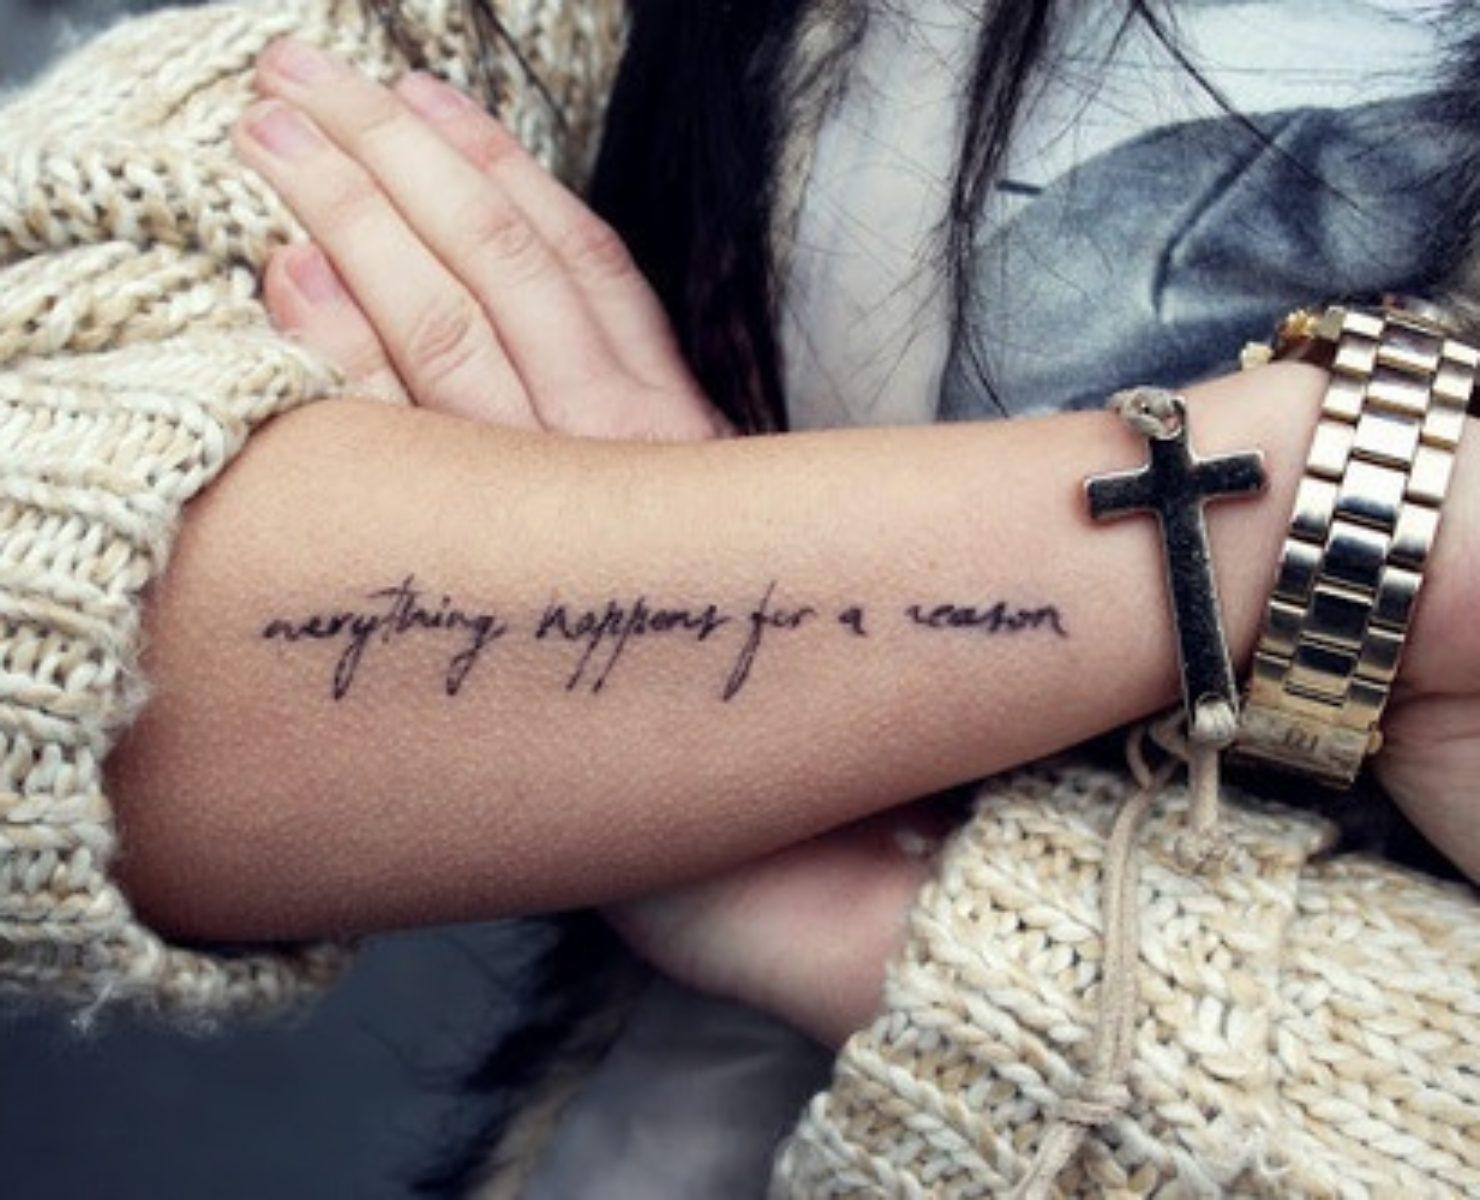 Frauen schriftzug tattoos 350+ Tattoo